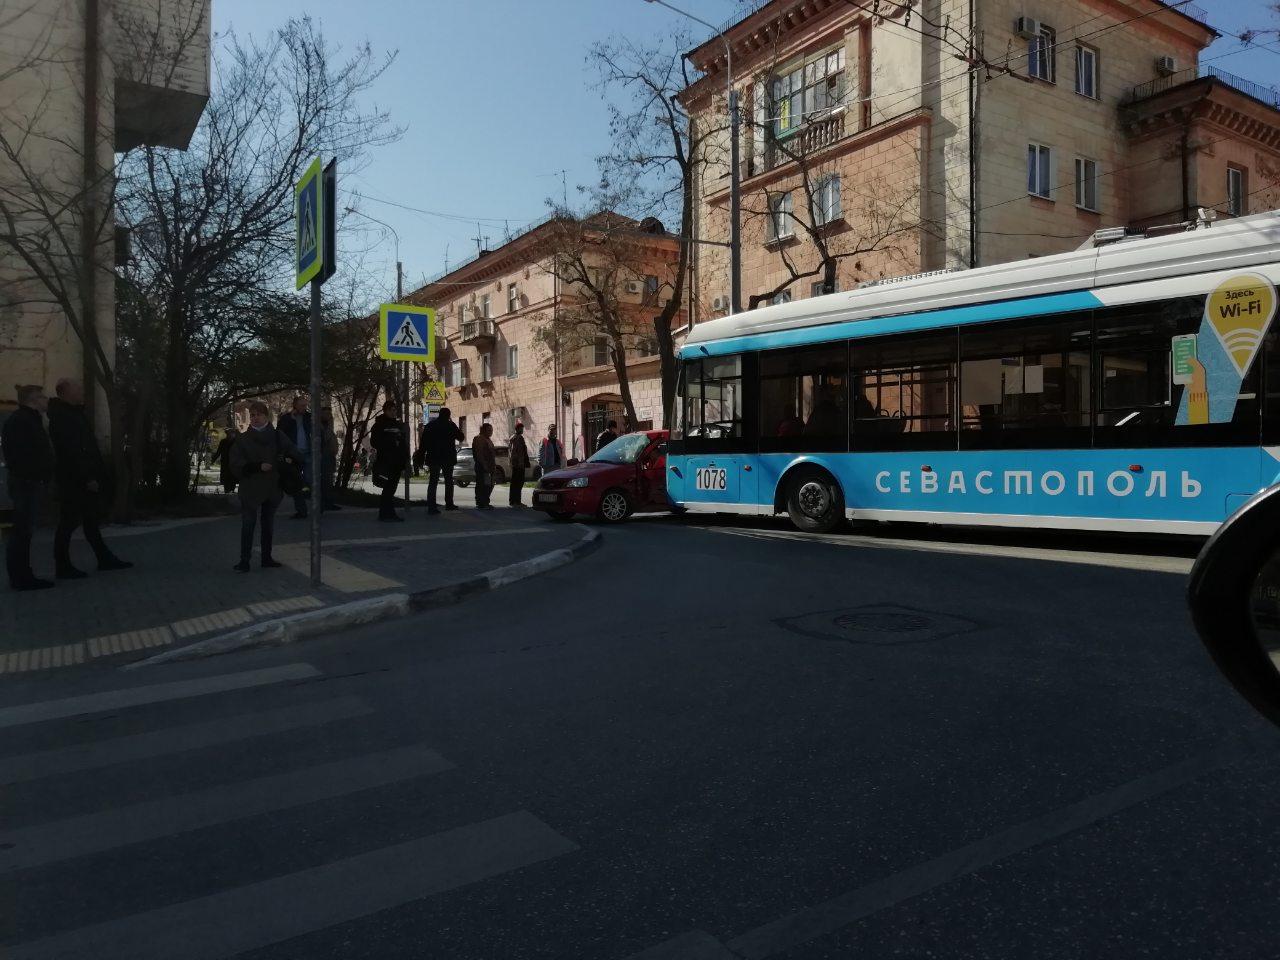 В Севастополе из-за ДТП с участием троллейбуса заблокирована улица